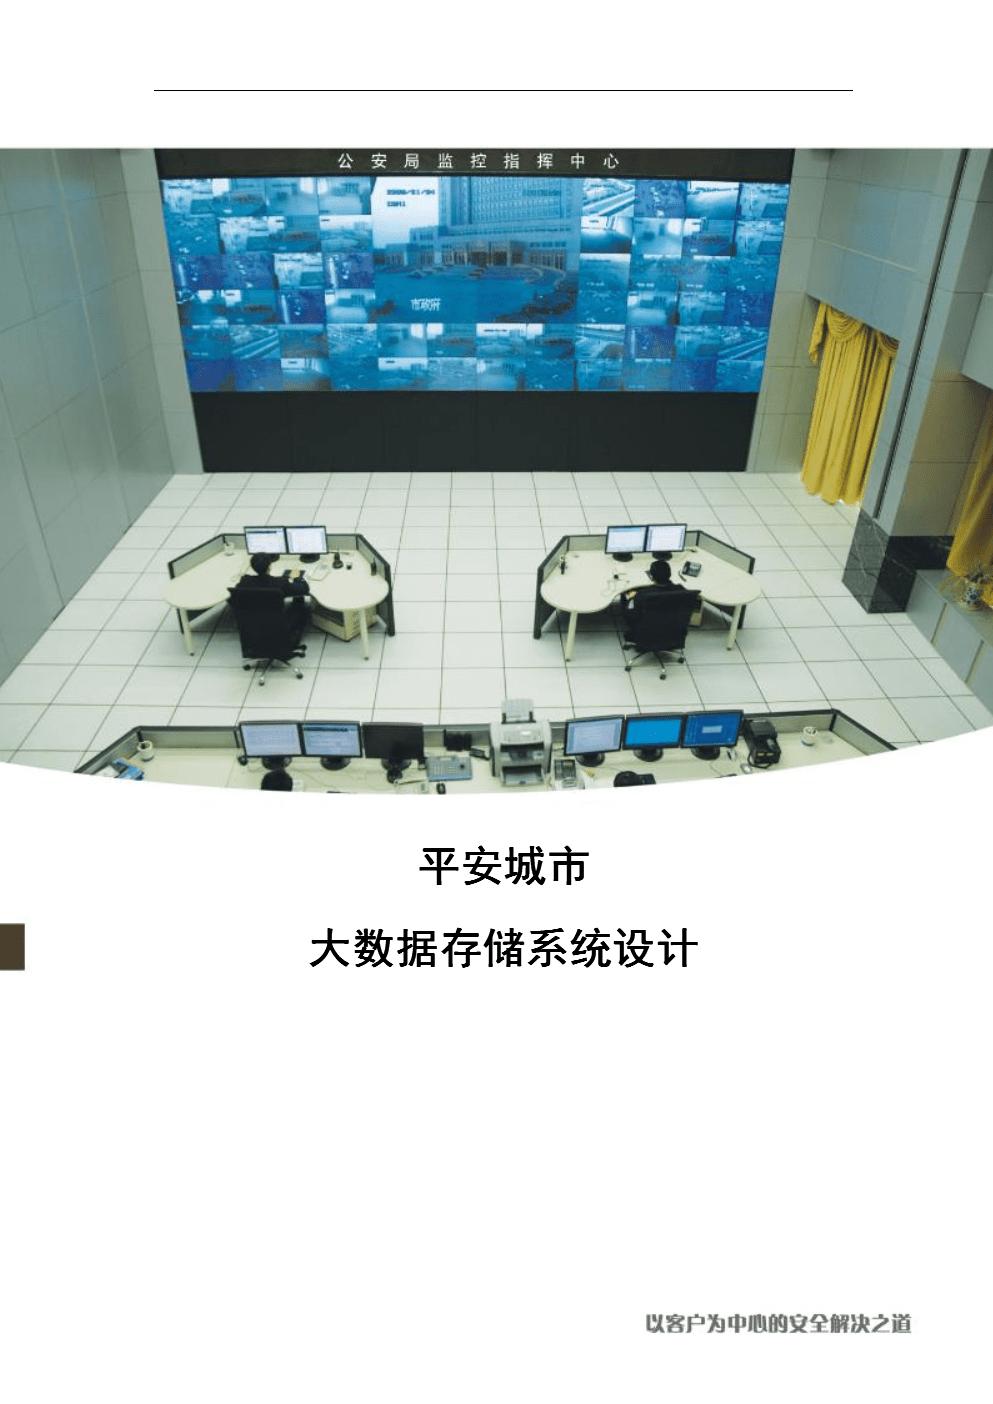 平安城市-大数据存储系统设计方案.docx